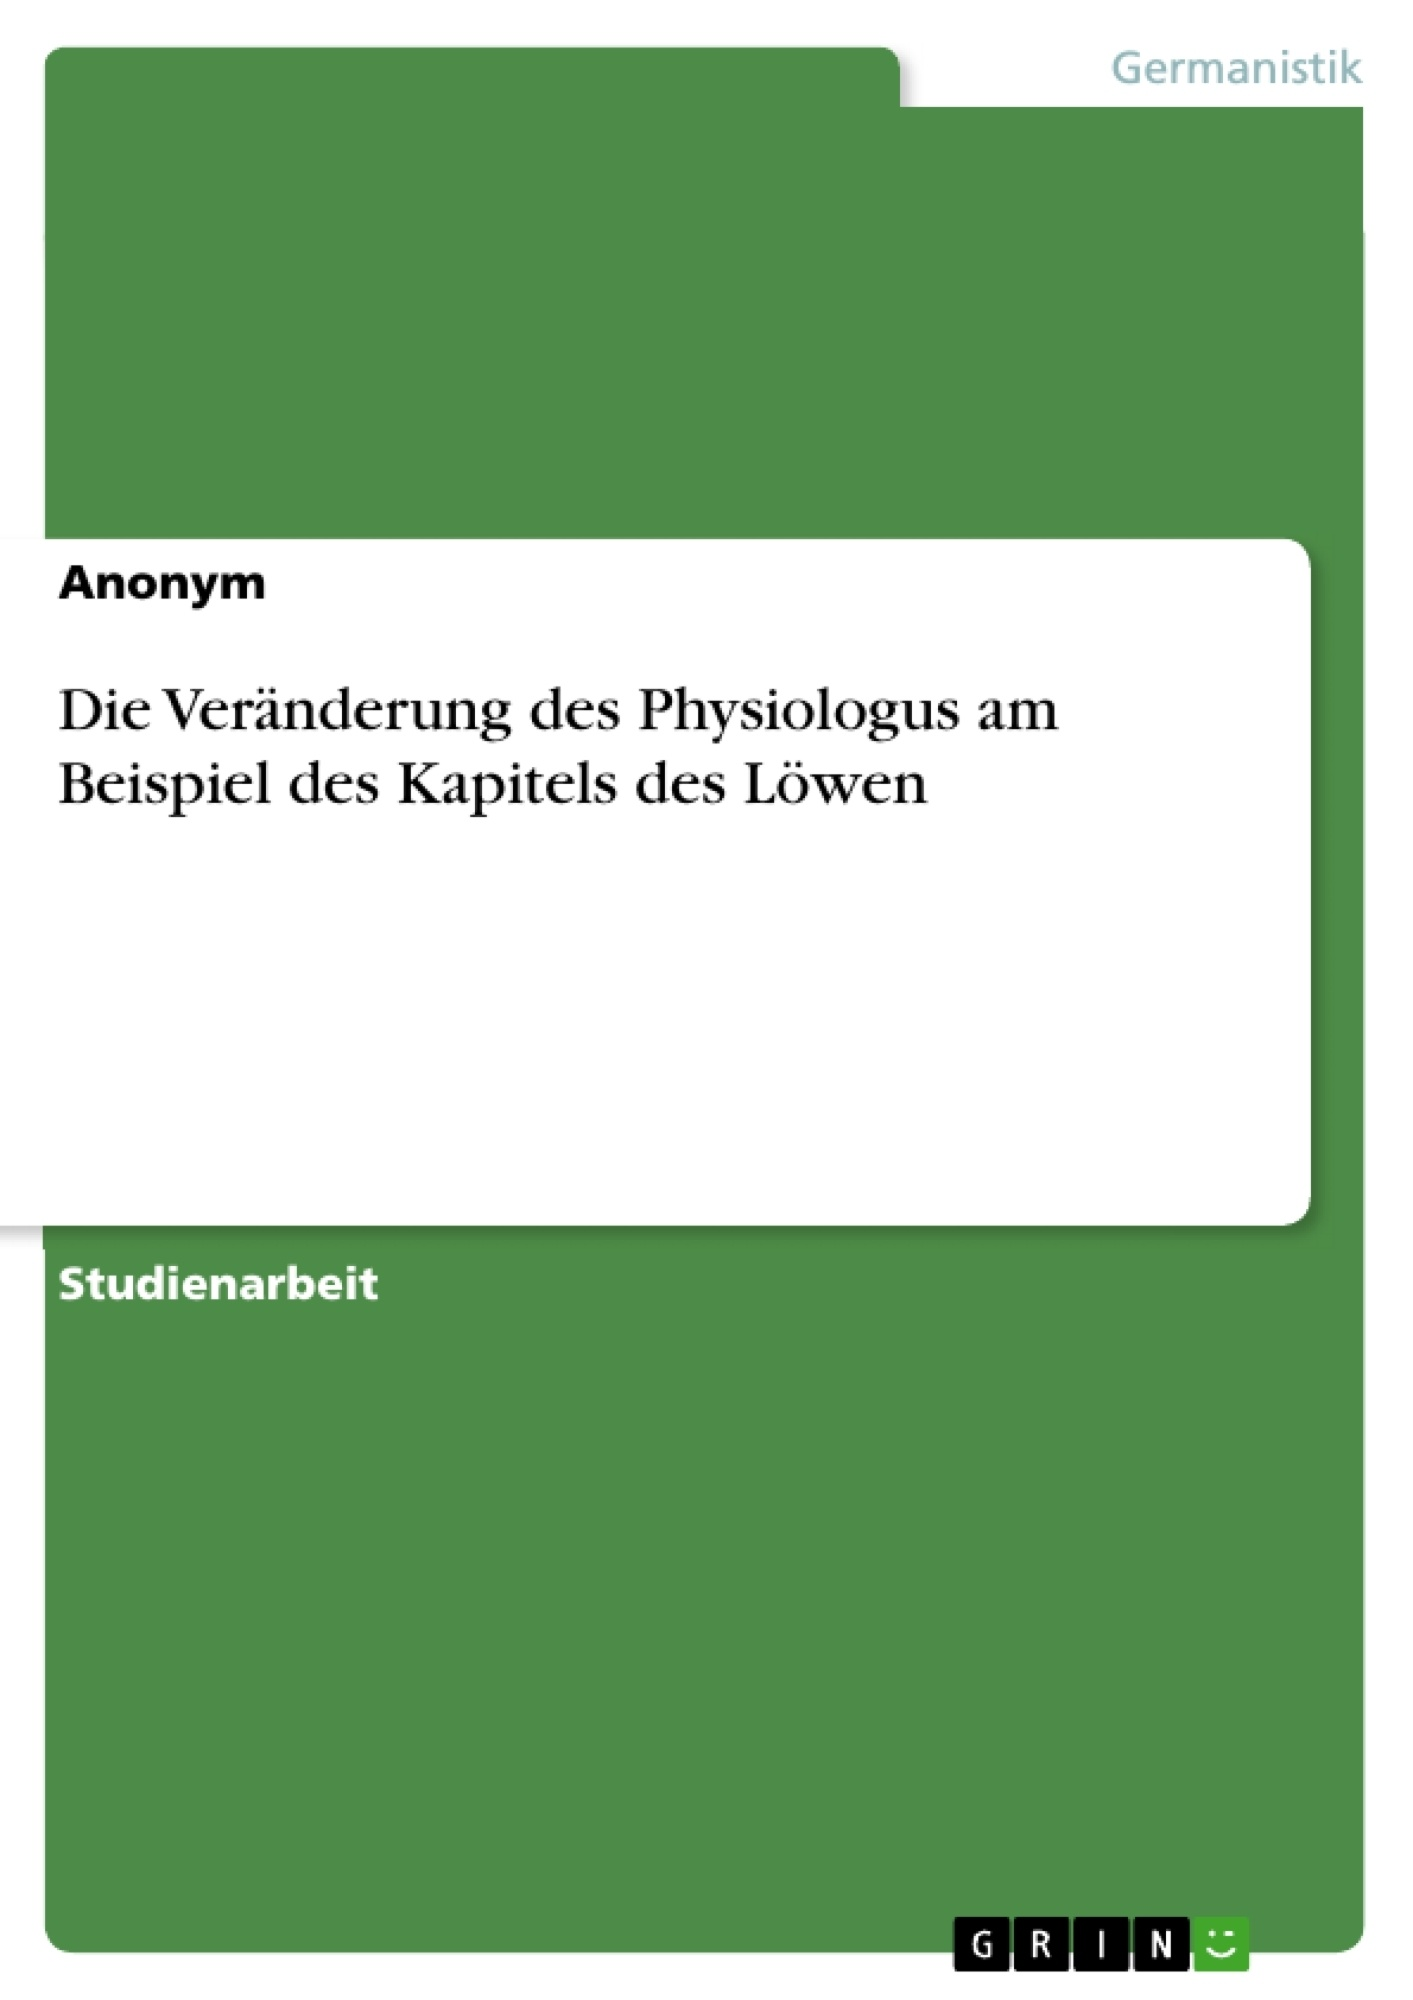 Titel: Die Veränderung des Physiologus am Beispiel des Kapitels des Löwen